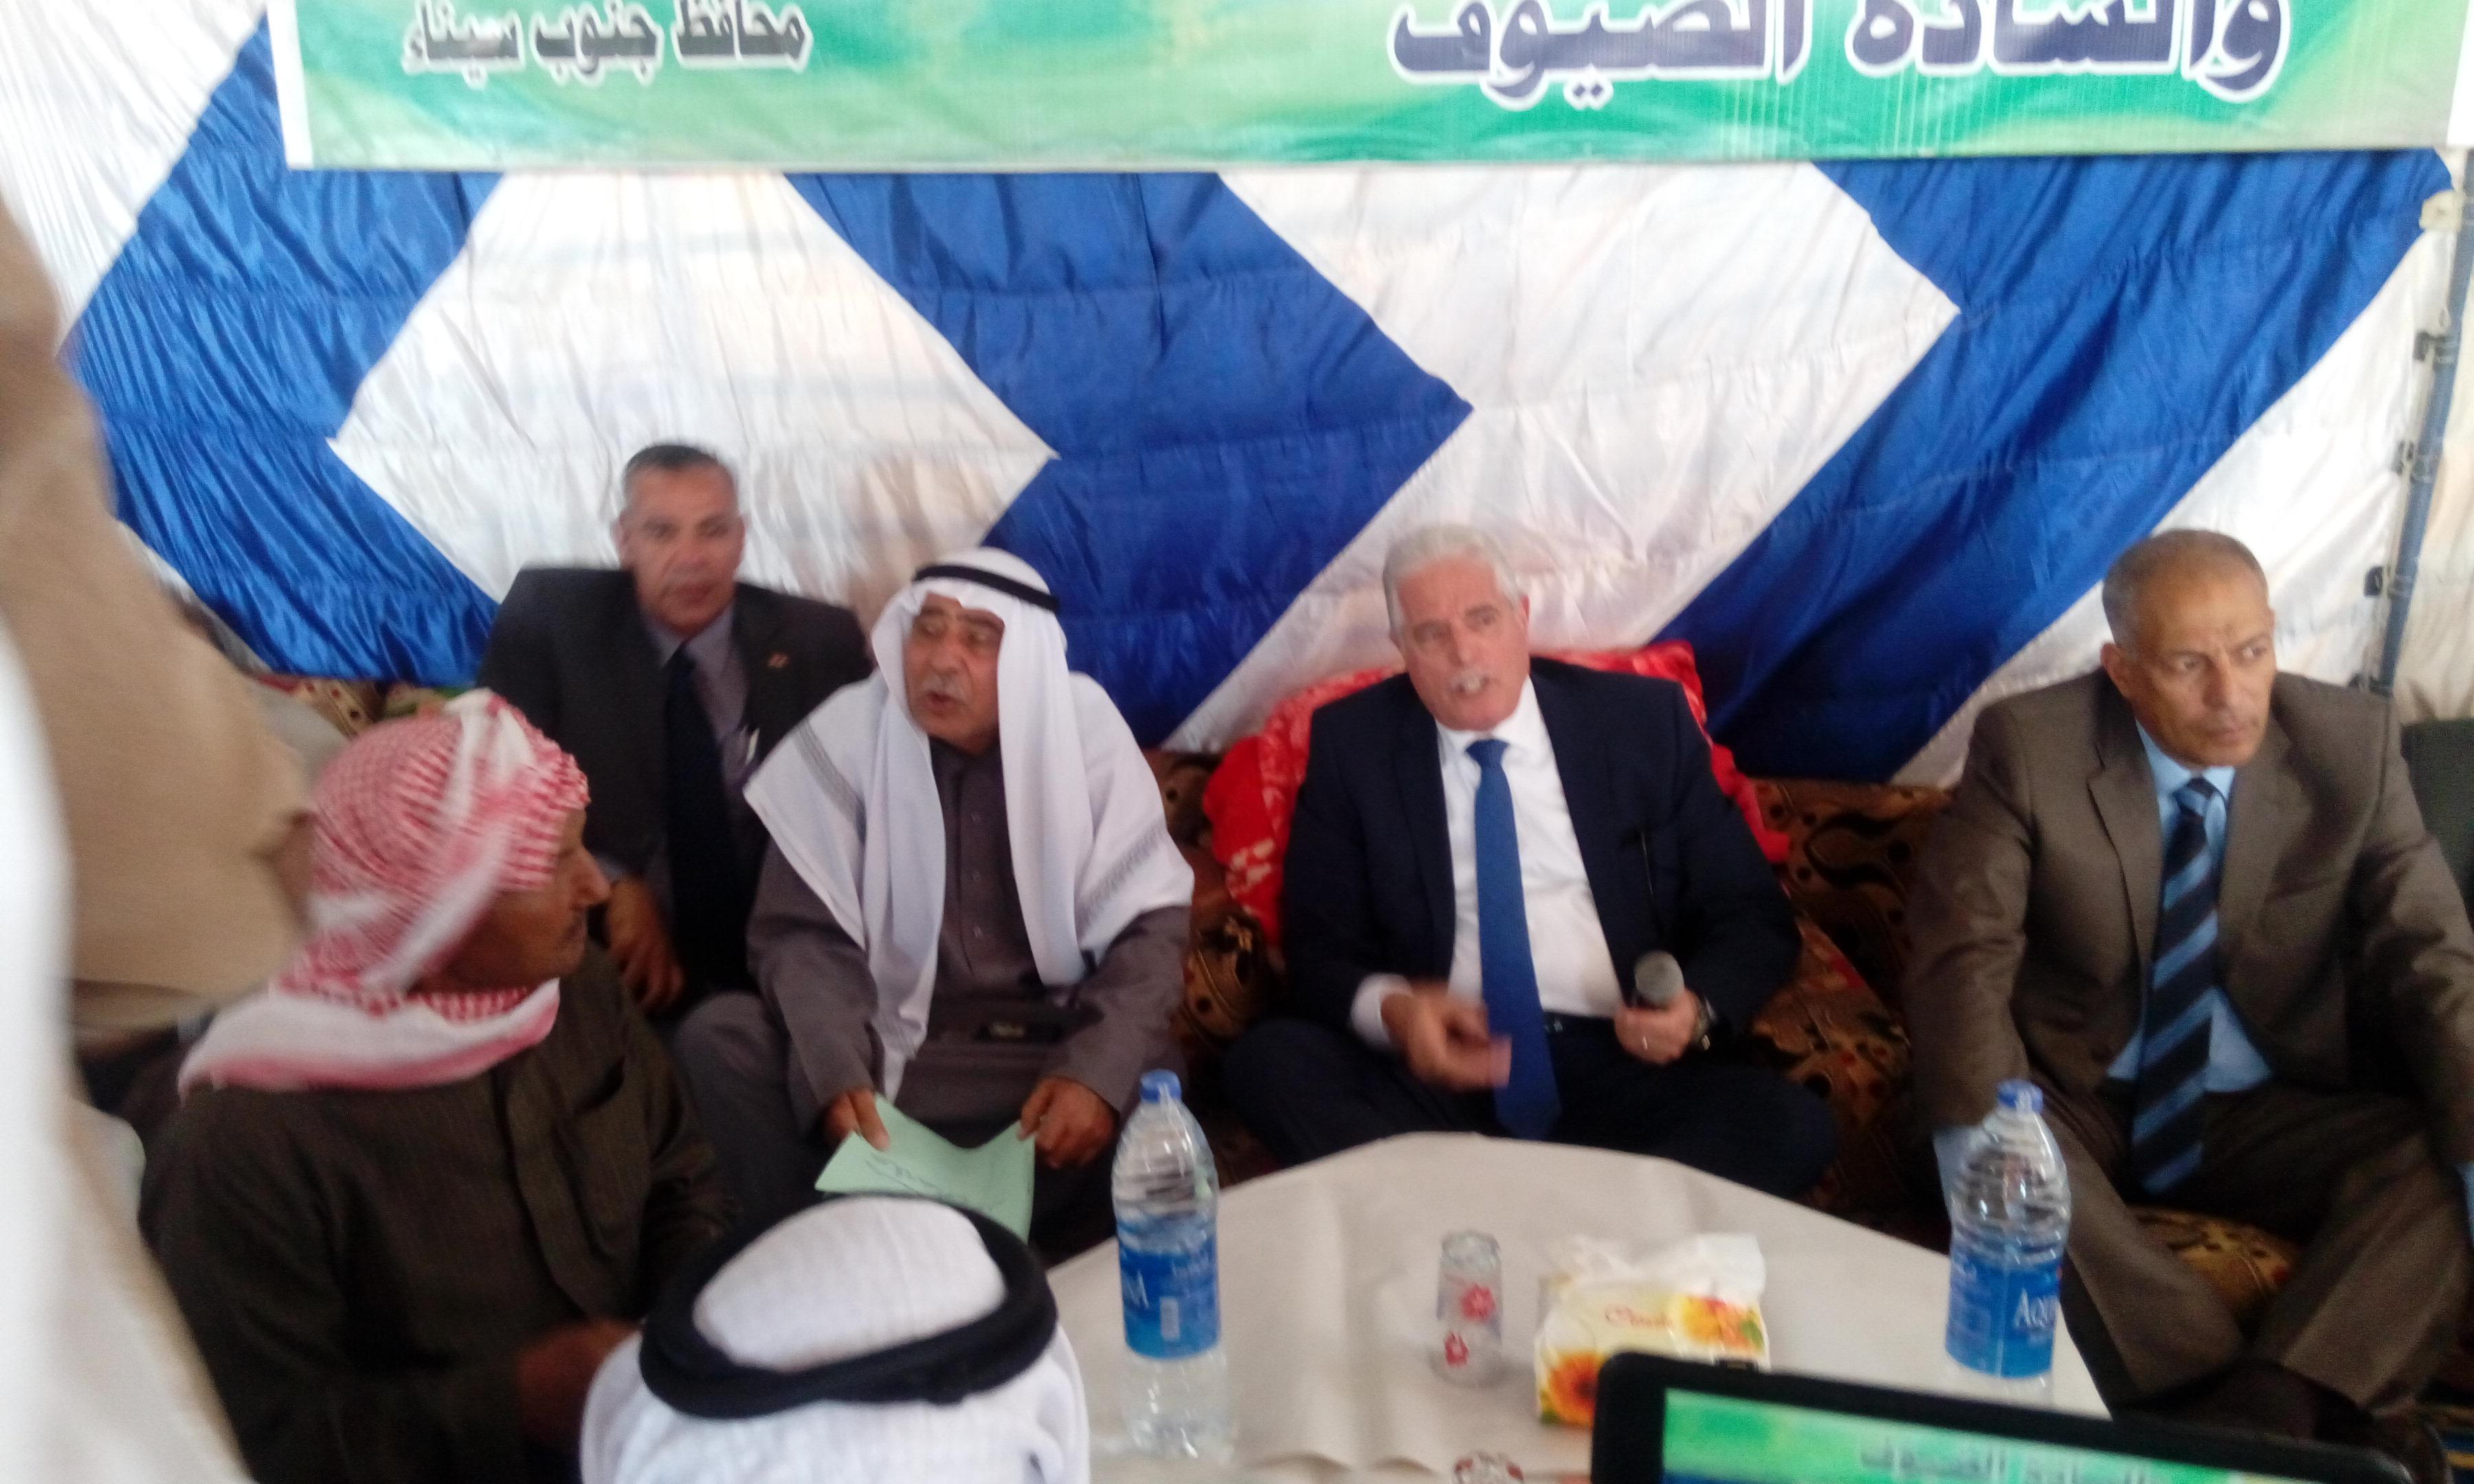 اللواء خالد فودة محافظ جنوب سيناء  مع مشايخ مدينة ابورديس